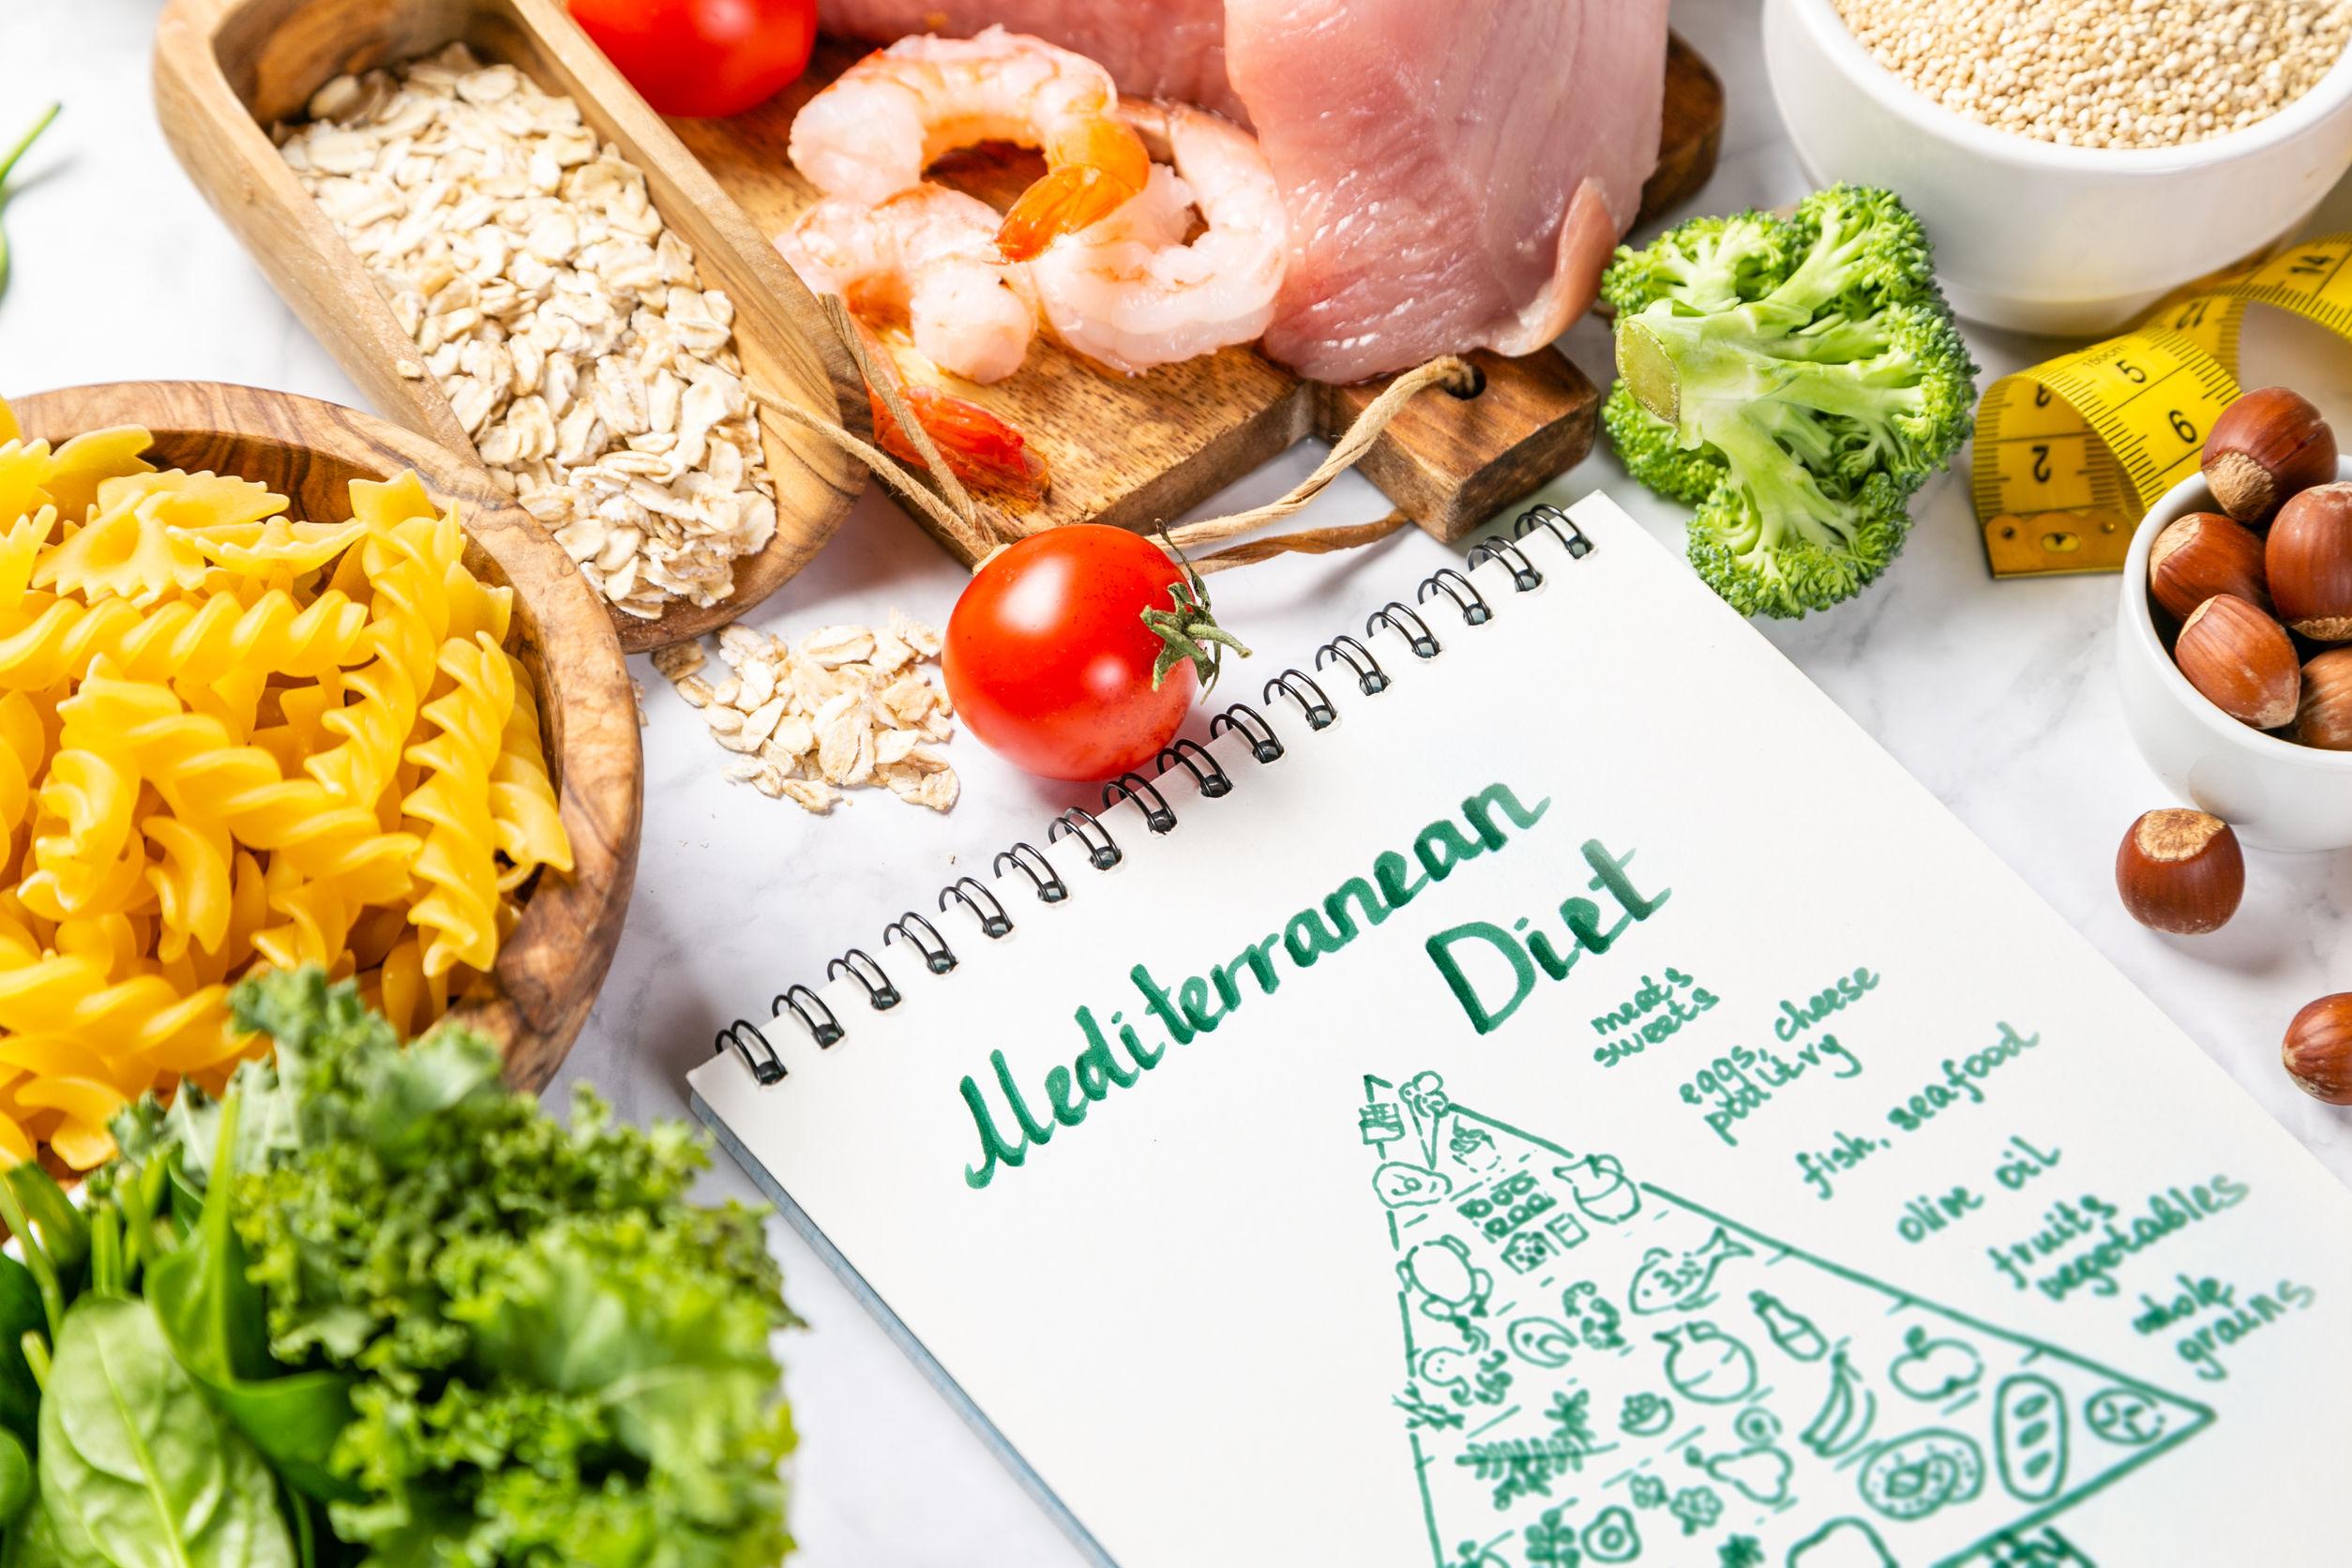 prevención de diabetes con dietas mediterráneas gratis